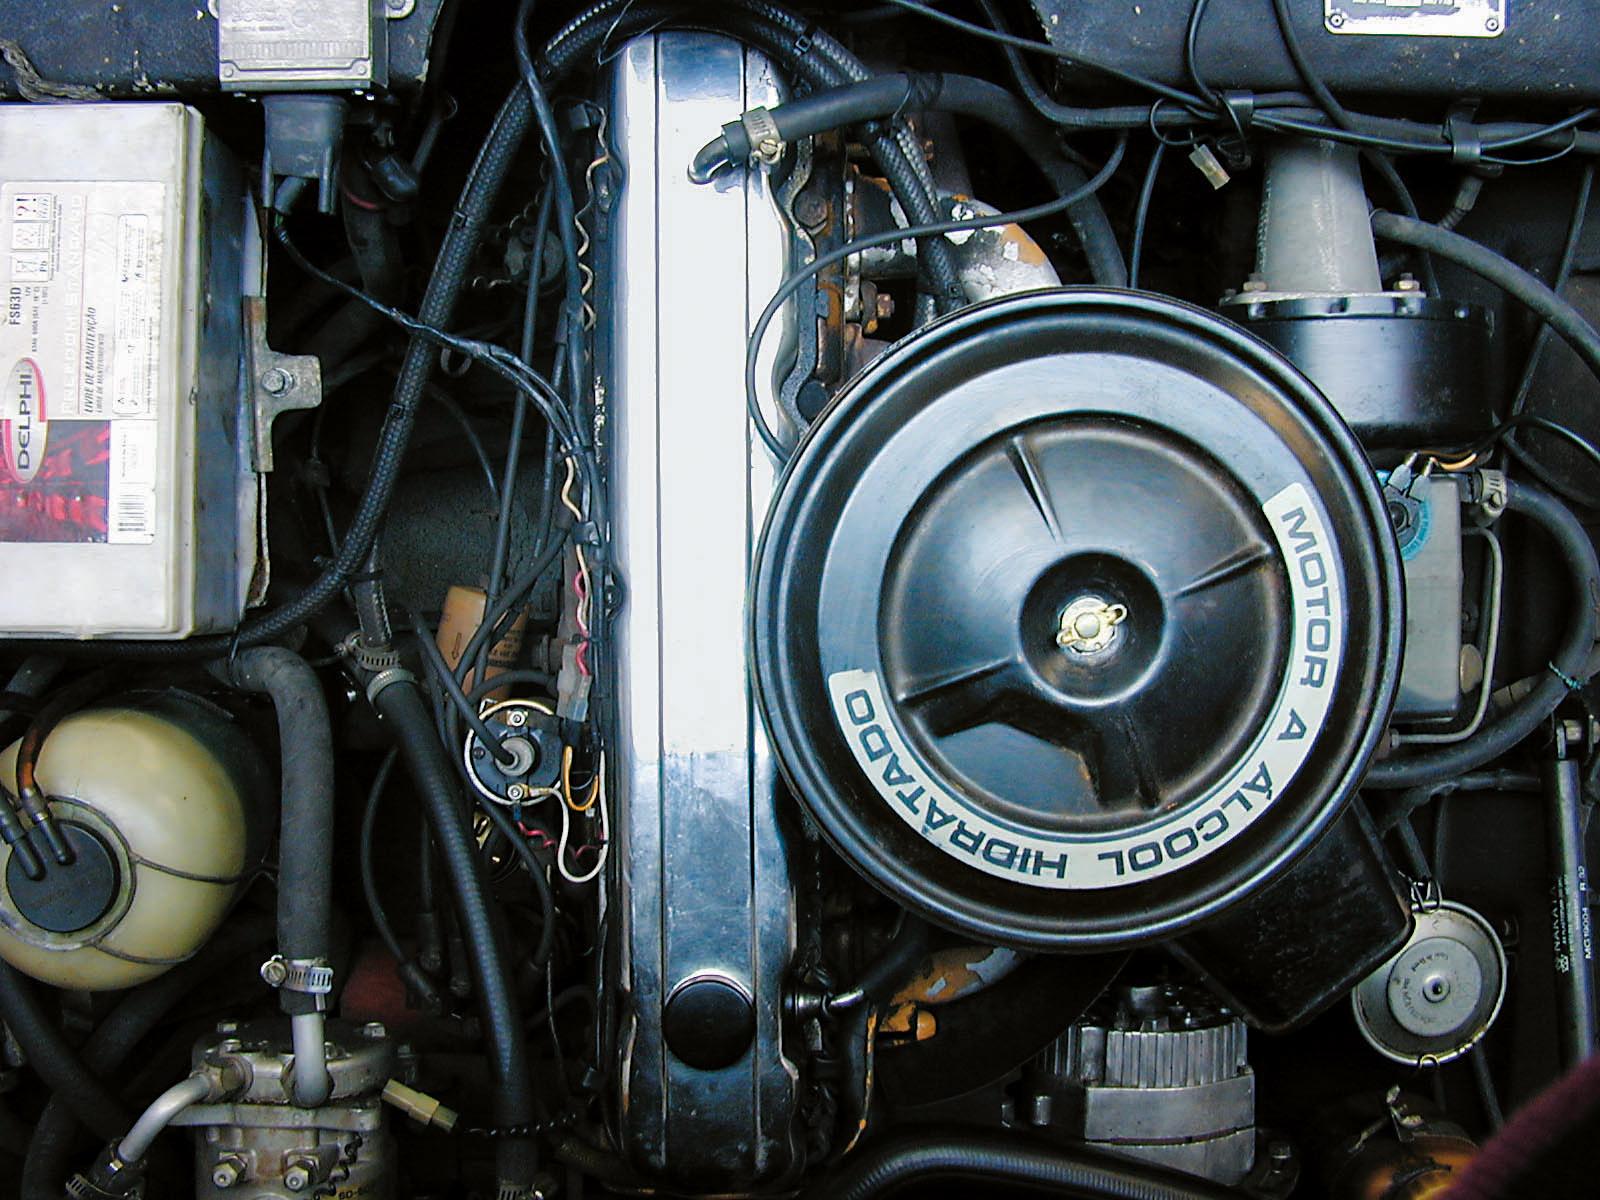 Motor a álcool do SM 4.1, esportivo da Santa Matilde, modelo 1978